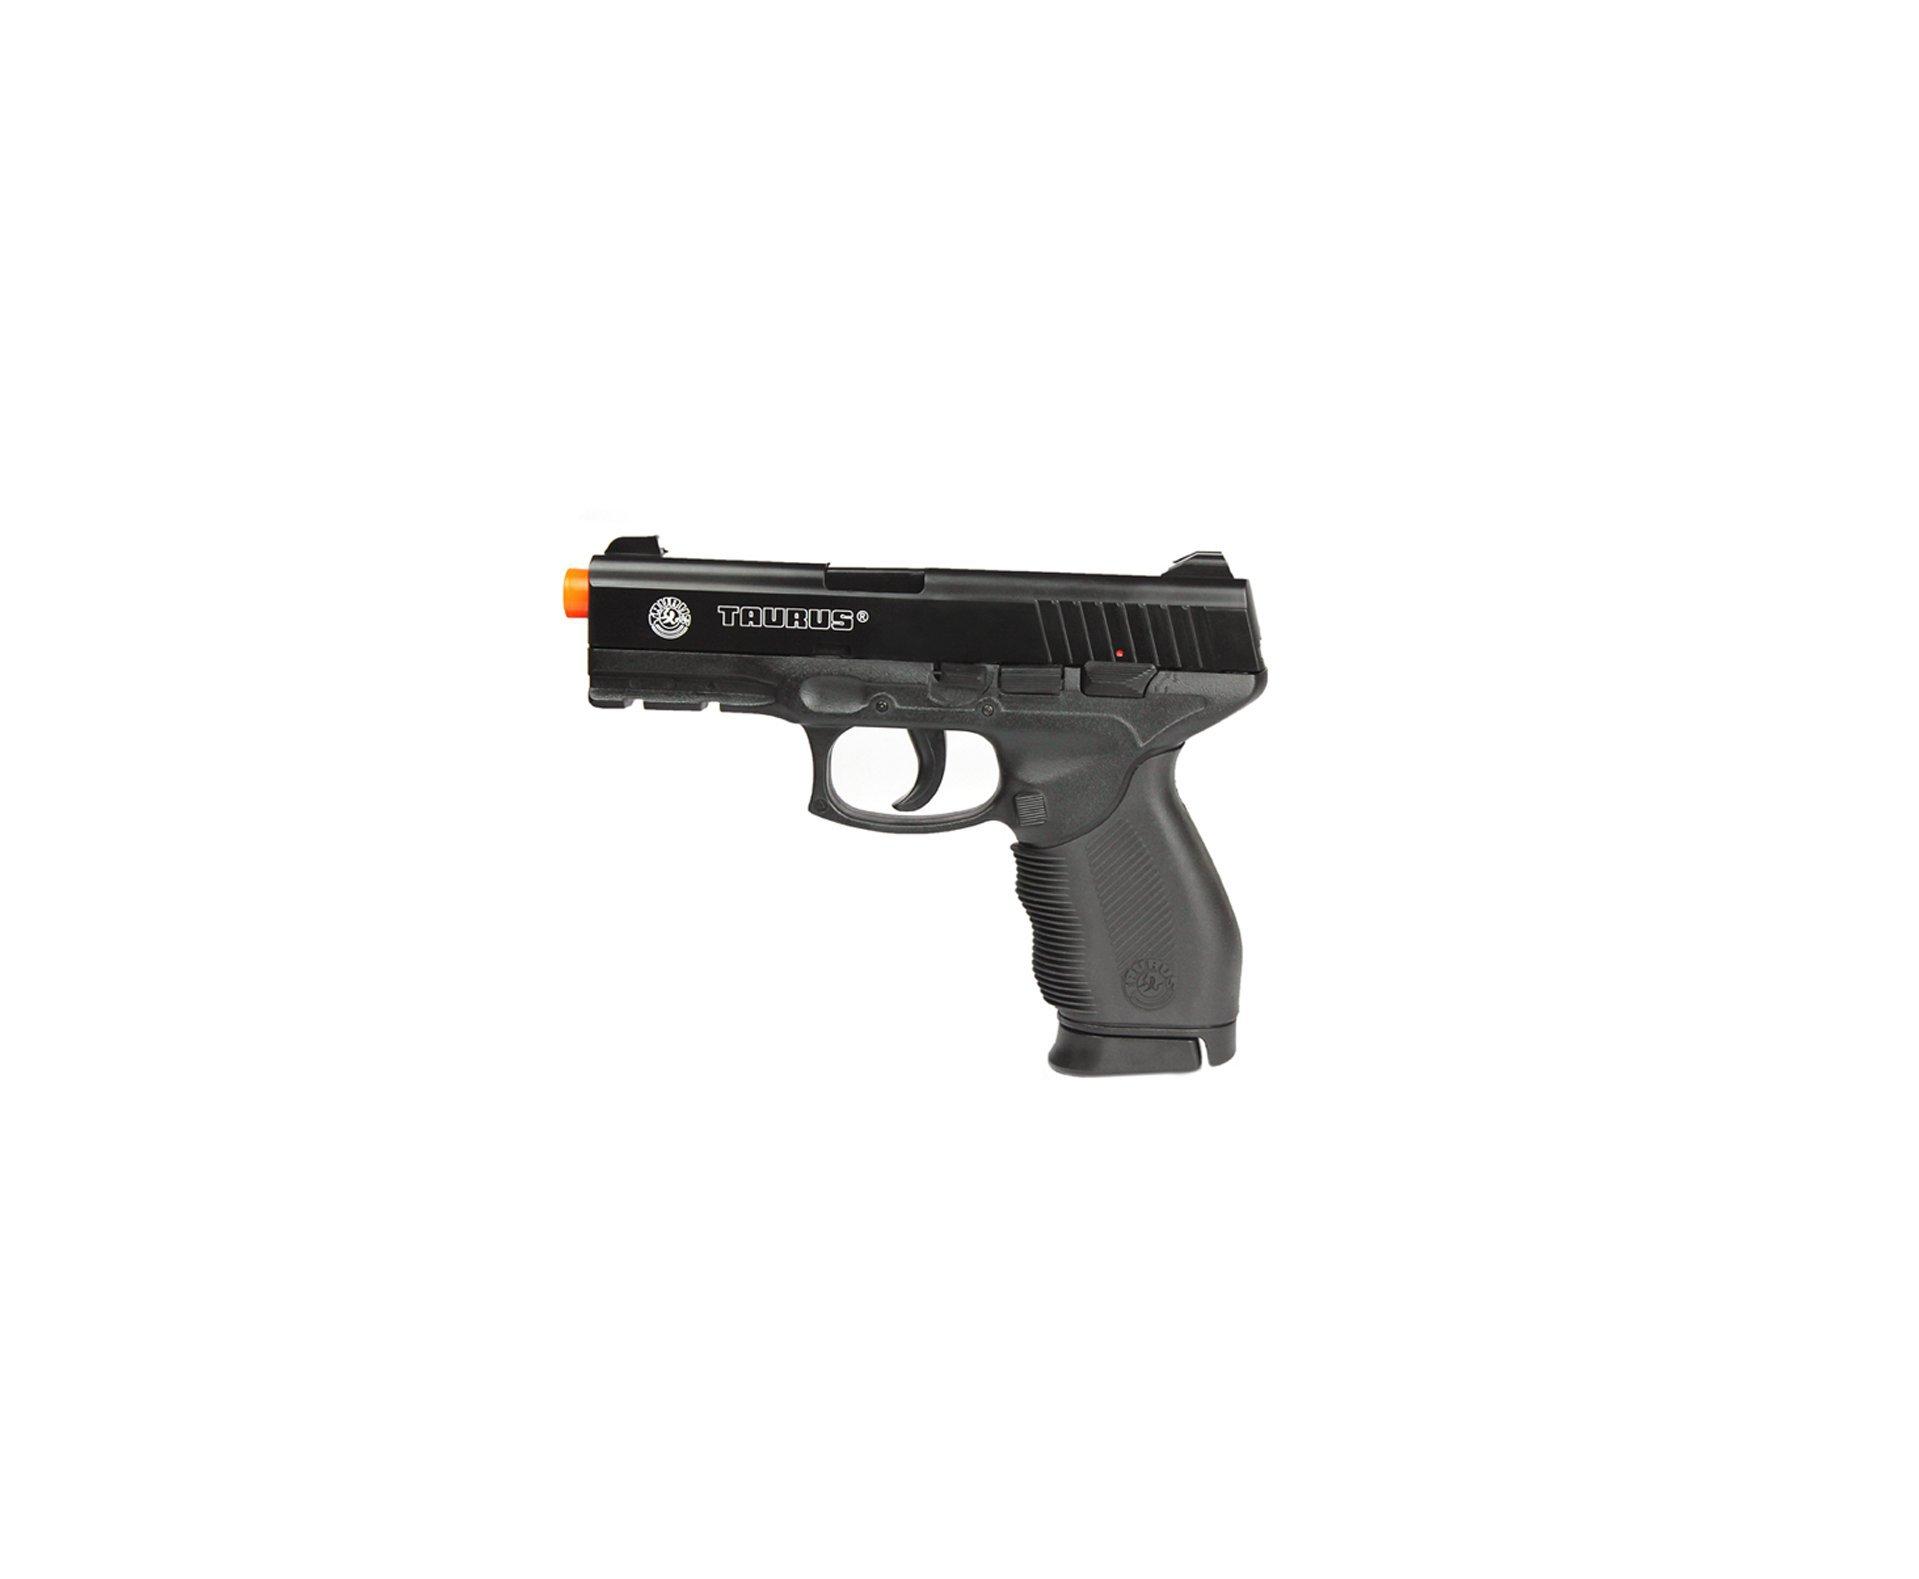 Pistola De Airsoft Taurus Pt 24/7 Semi/metal Cal 6,0 Mm + Rifle M4 Spring+ 4000 Esferas 0,12g